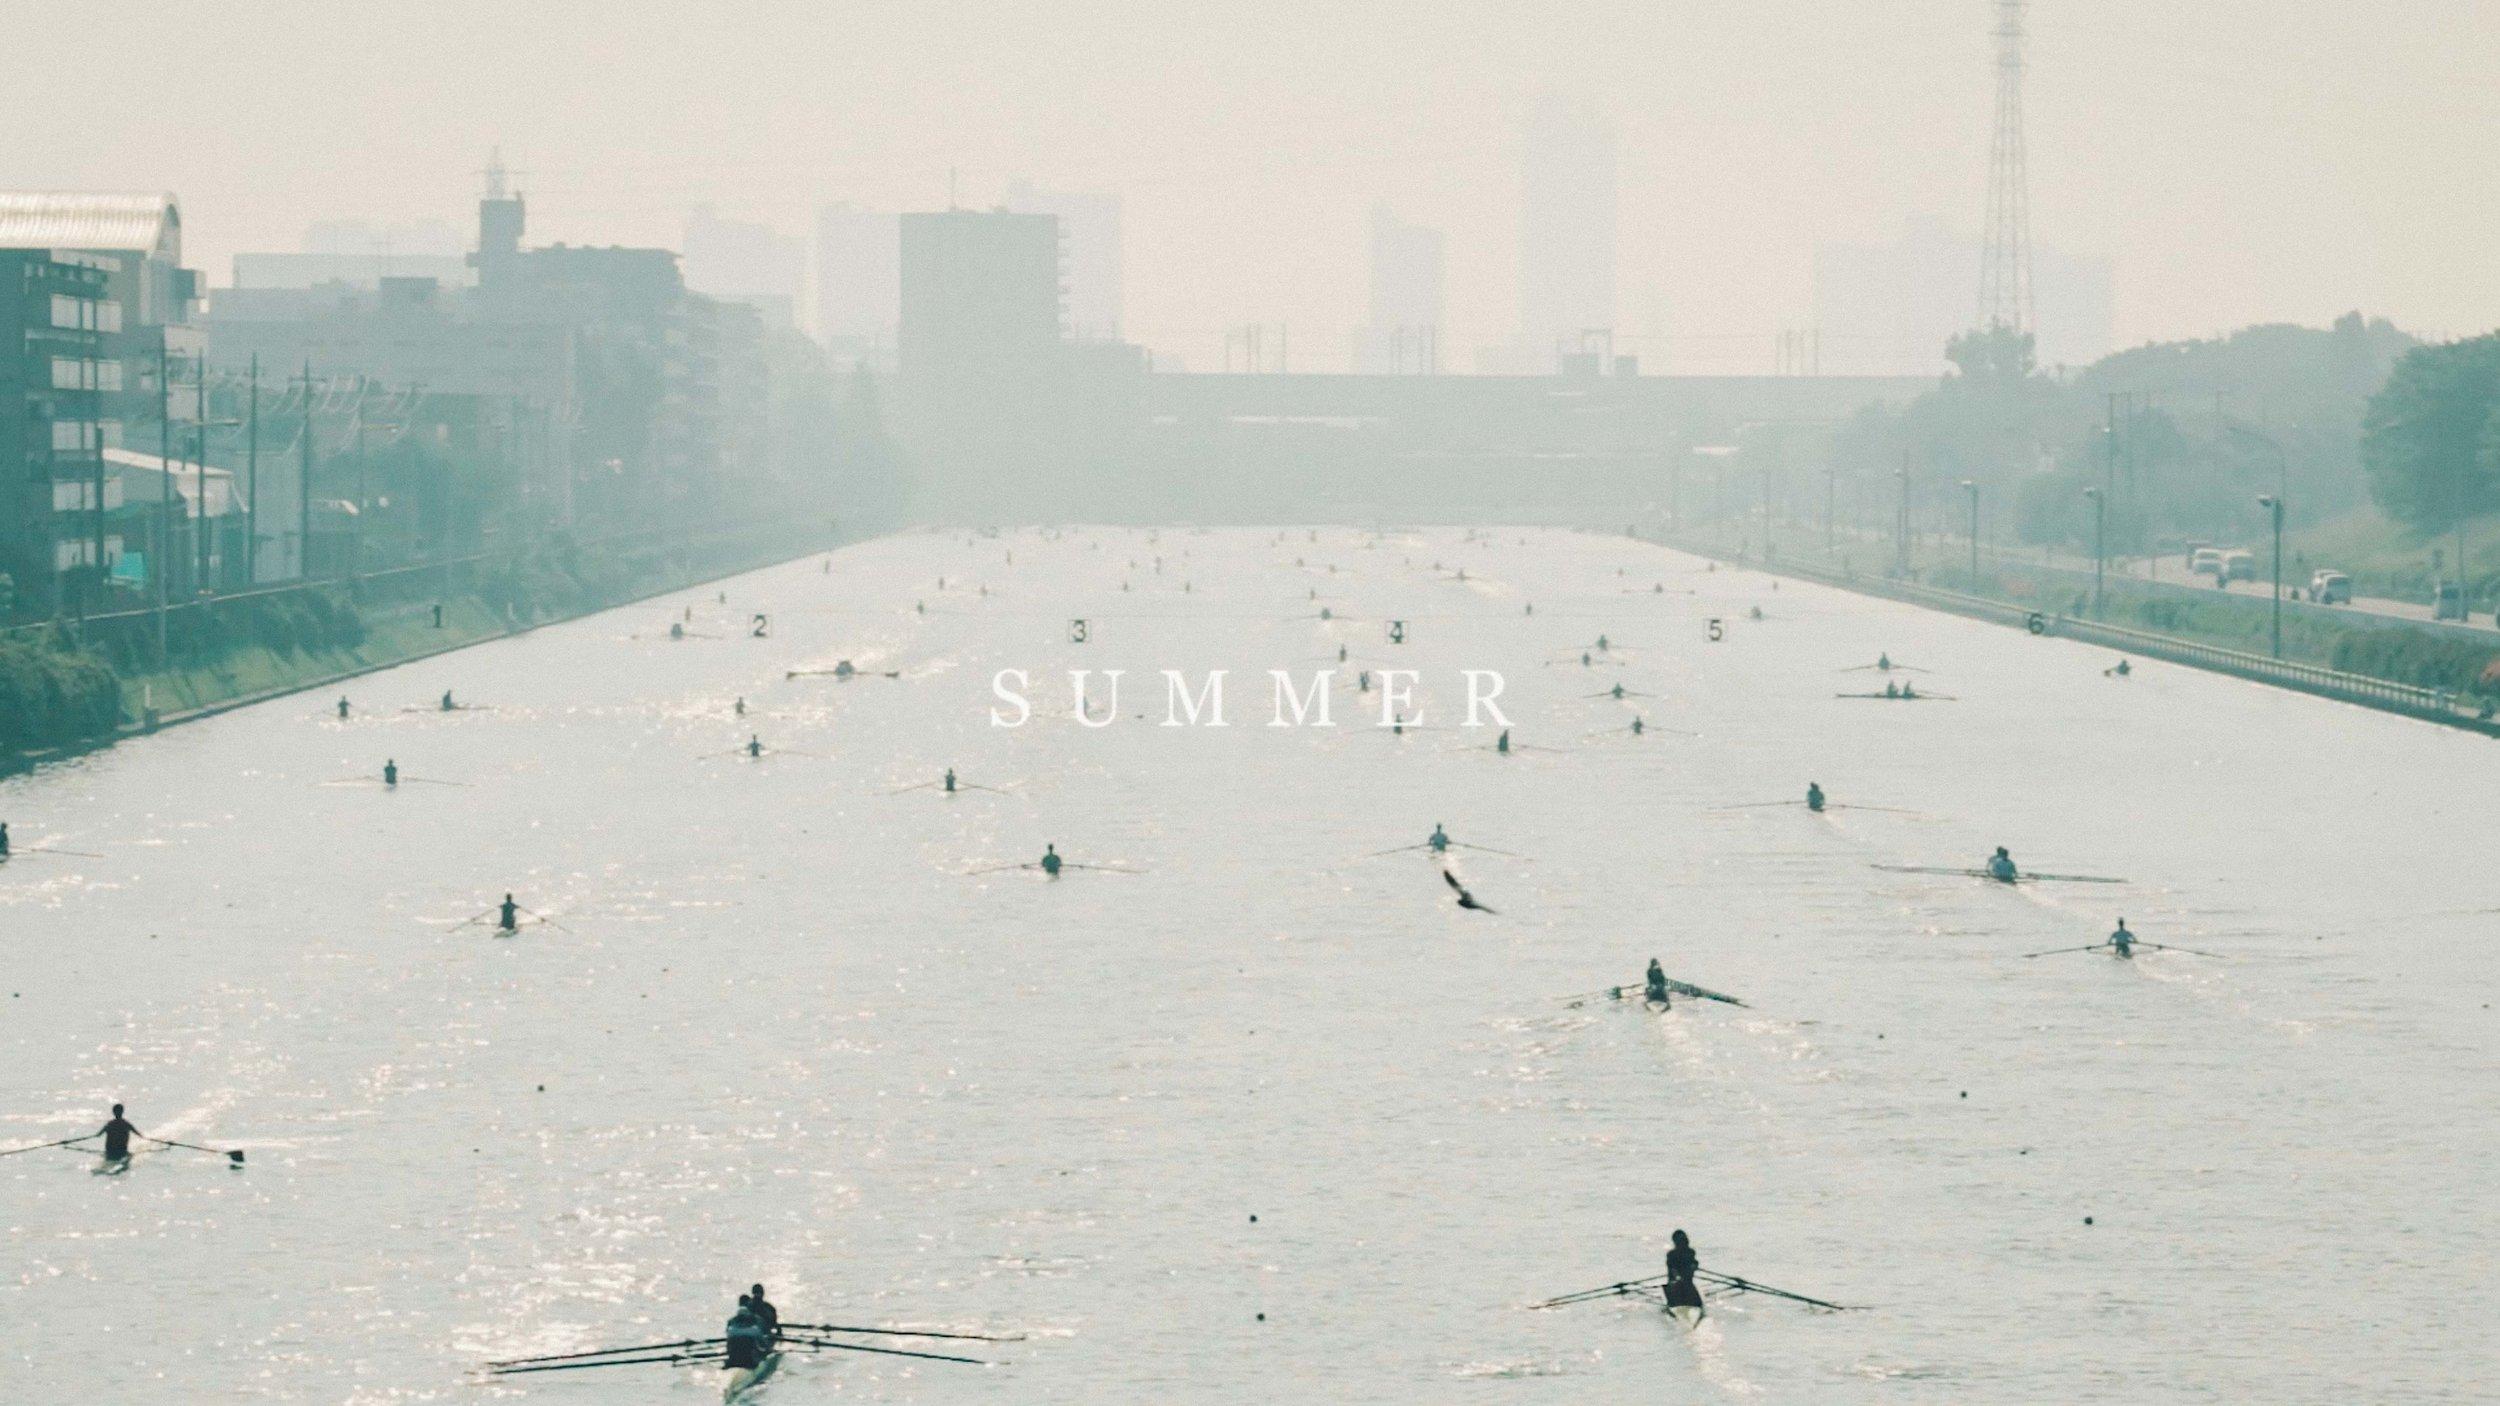 Rikkyo_Summer_th5.jpg